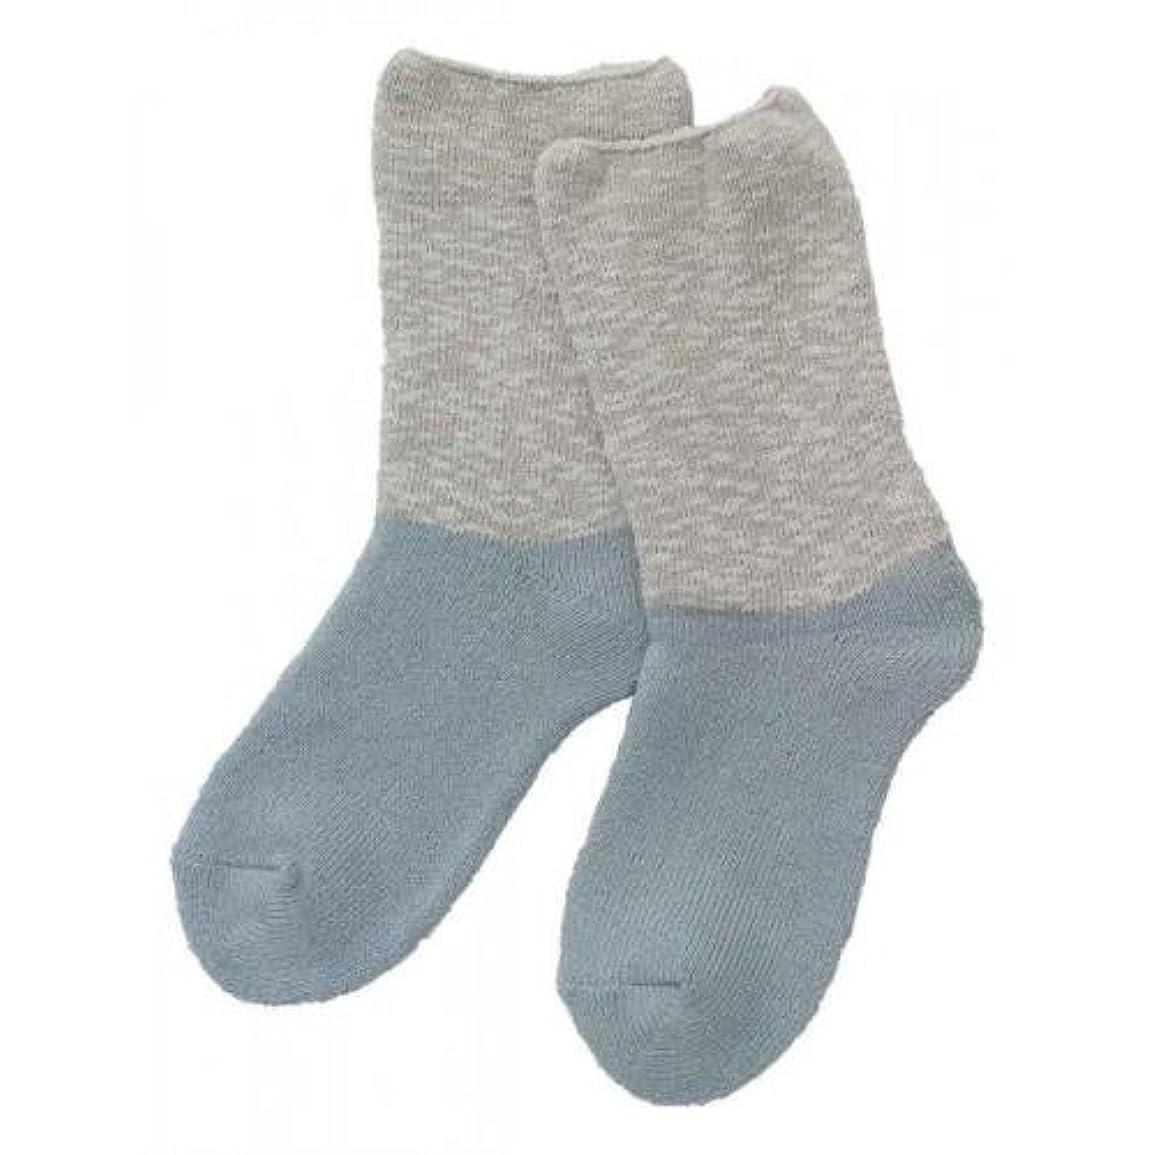 たらい記念偏差Carelance(ケアランス)お風呂上りのやさしい靴下 綿麻パイルで足先さわやか 8706CA-70 ブルー